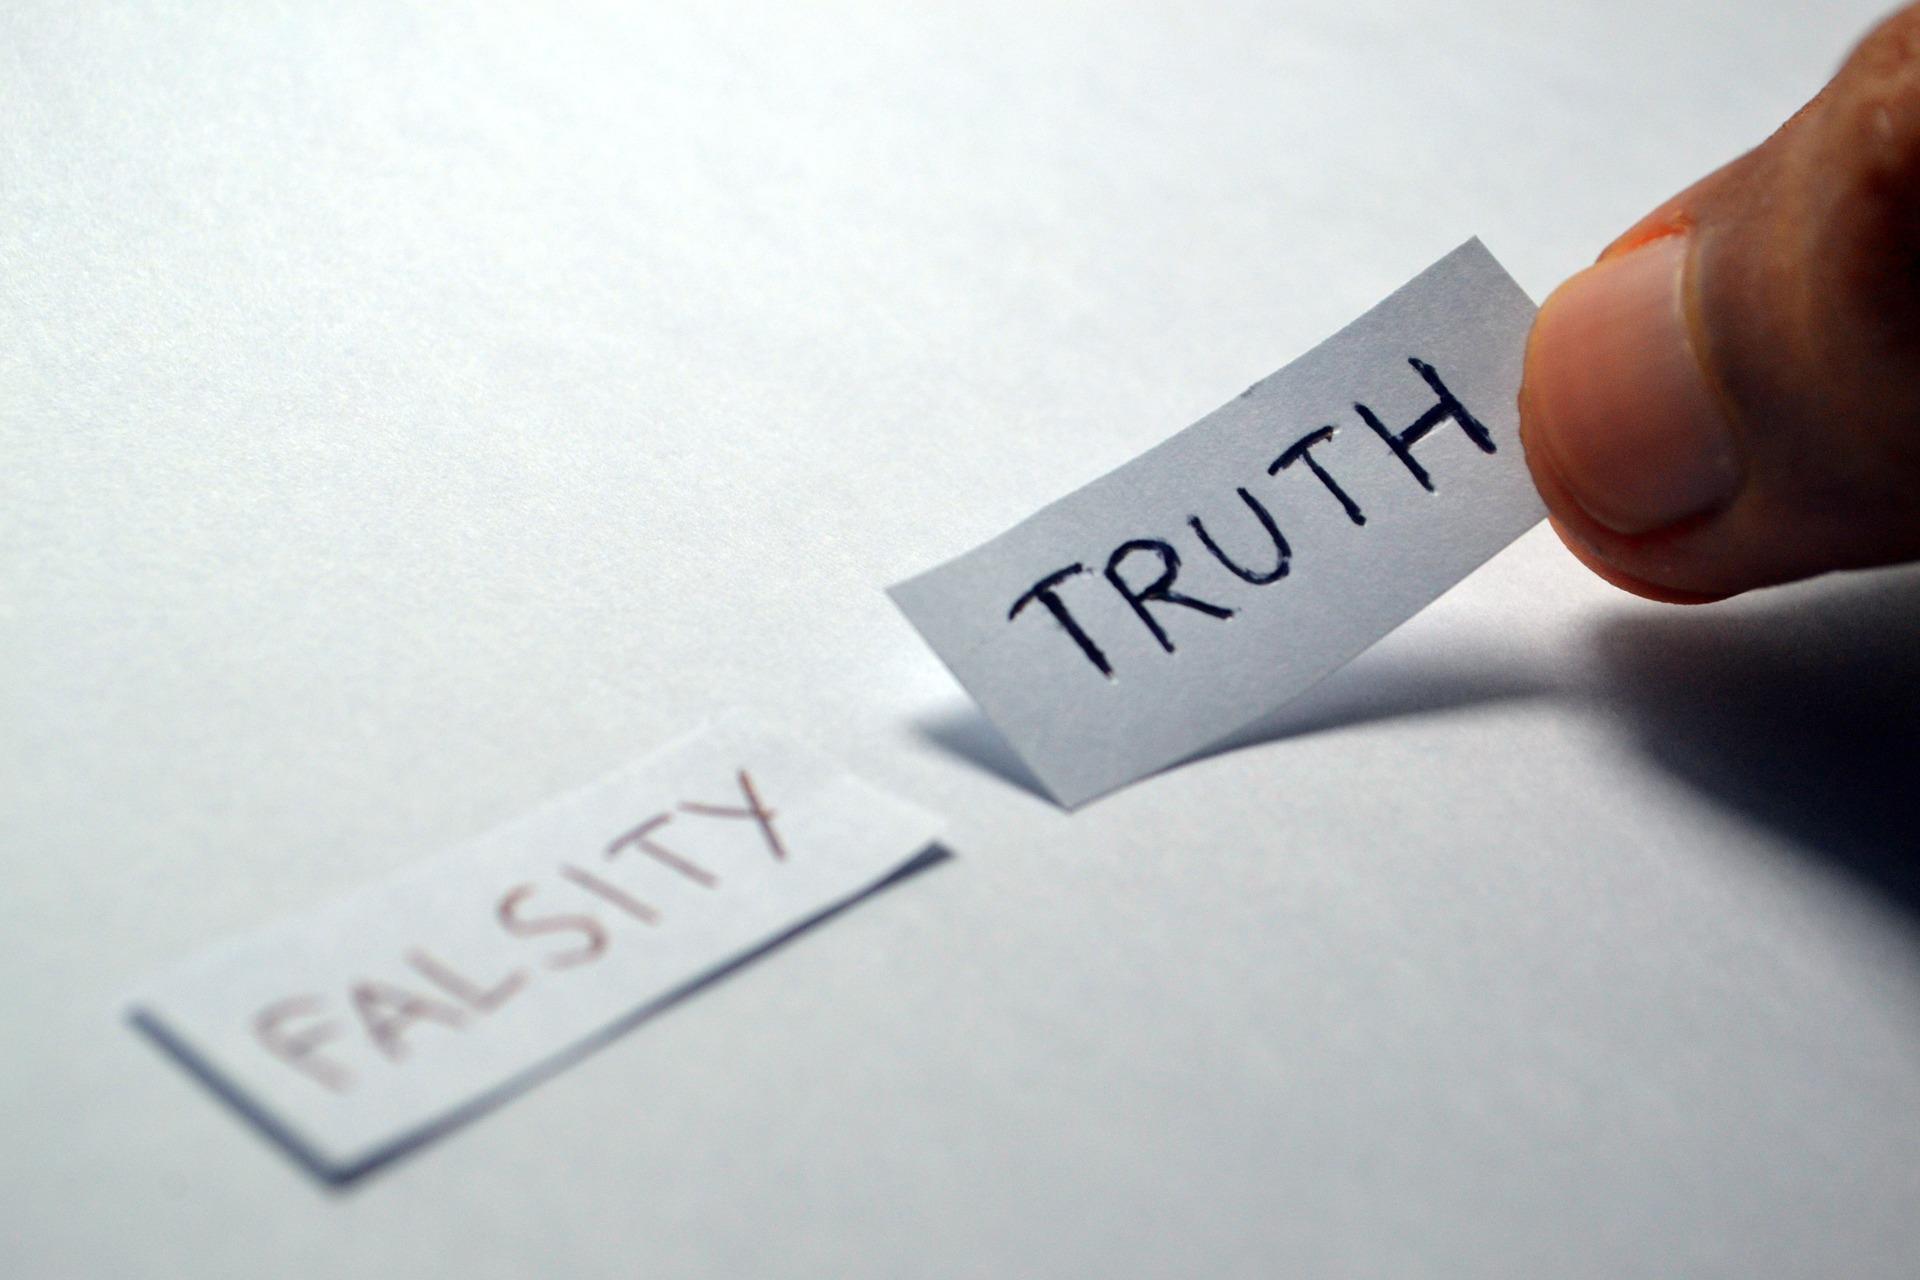 """"""" Truth Falsity """" by Ramdlon via Pixabay (Public Domain)"""